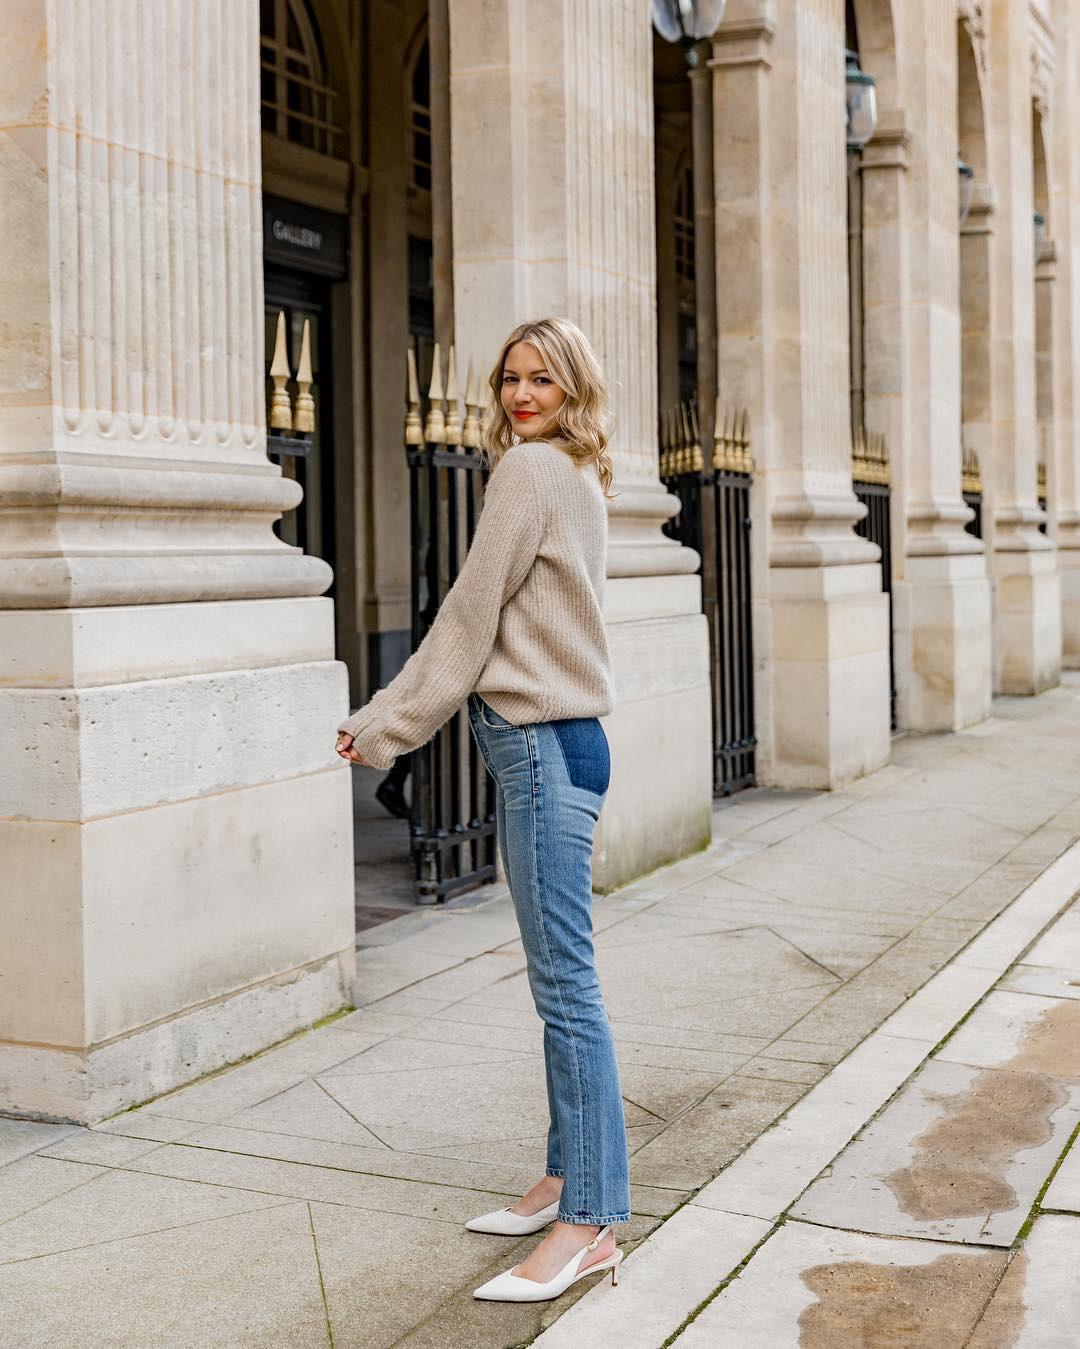 Không thể kìm lòng trước 5 cách diện áo len đẹp xỉu của phụ nữ Pháp, bạn sẽ muốn áp dụng bằng hết mới được - Ảnh 20